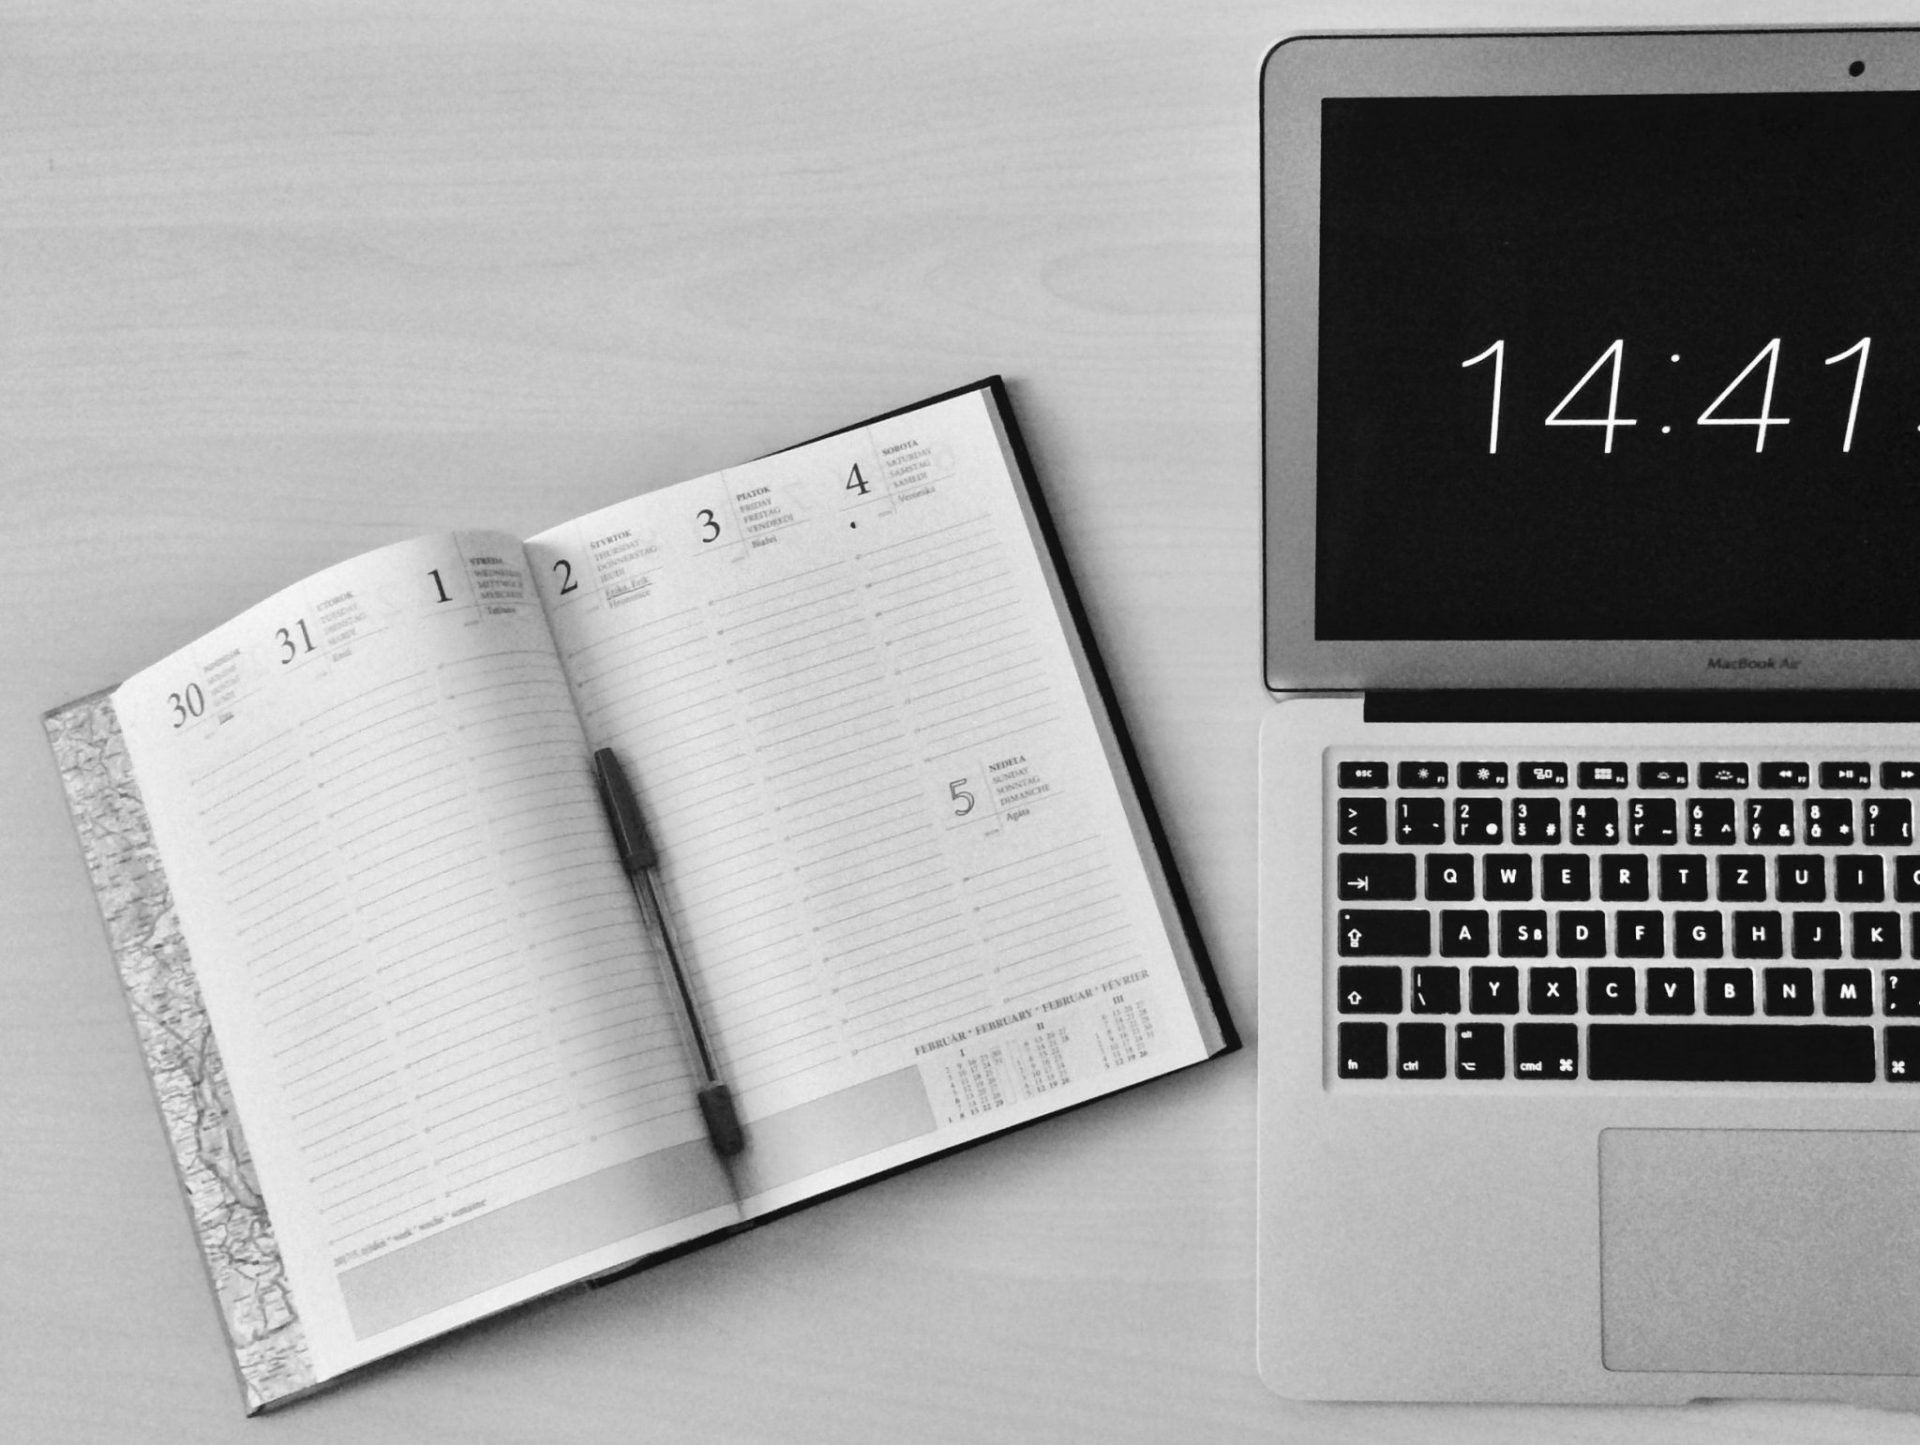 appledeviceblackandwhitebusinesscomputer295826 3 scaled - Gestão de tempo: desocupe-se e aumente a sua produtividade